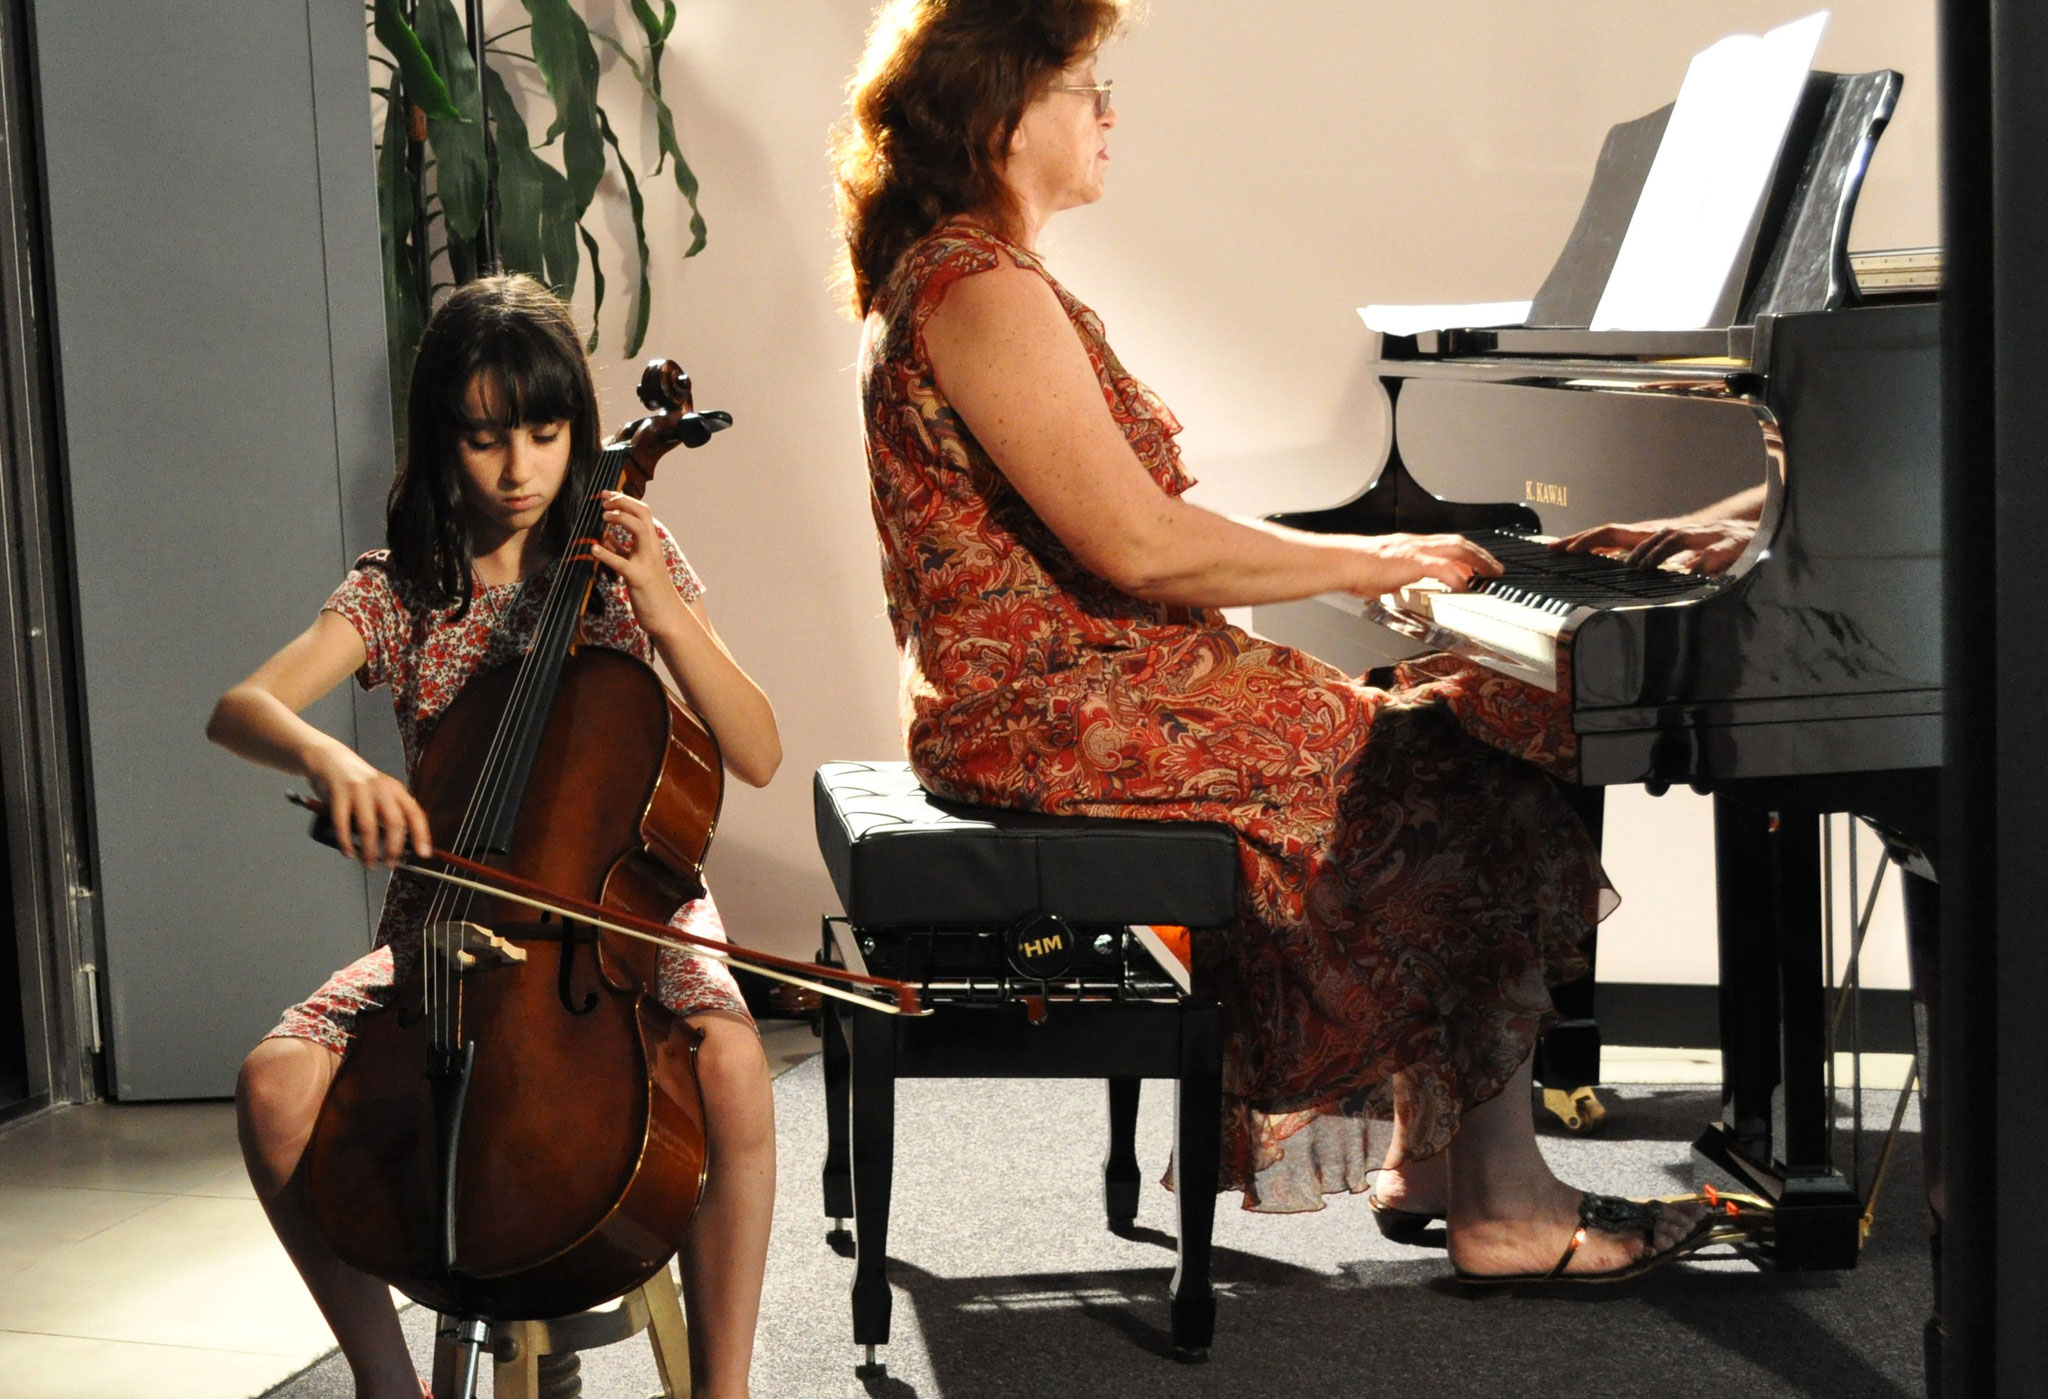 Audición de violonchelo